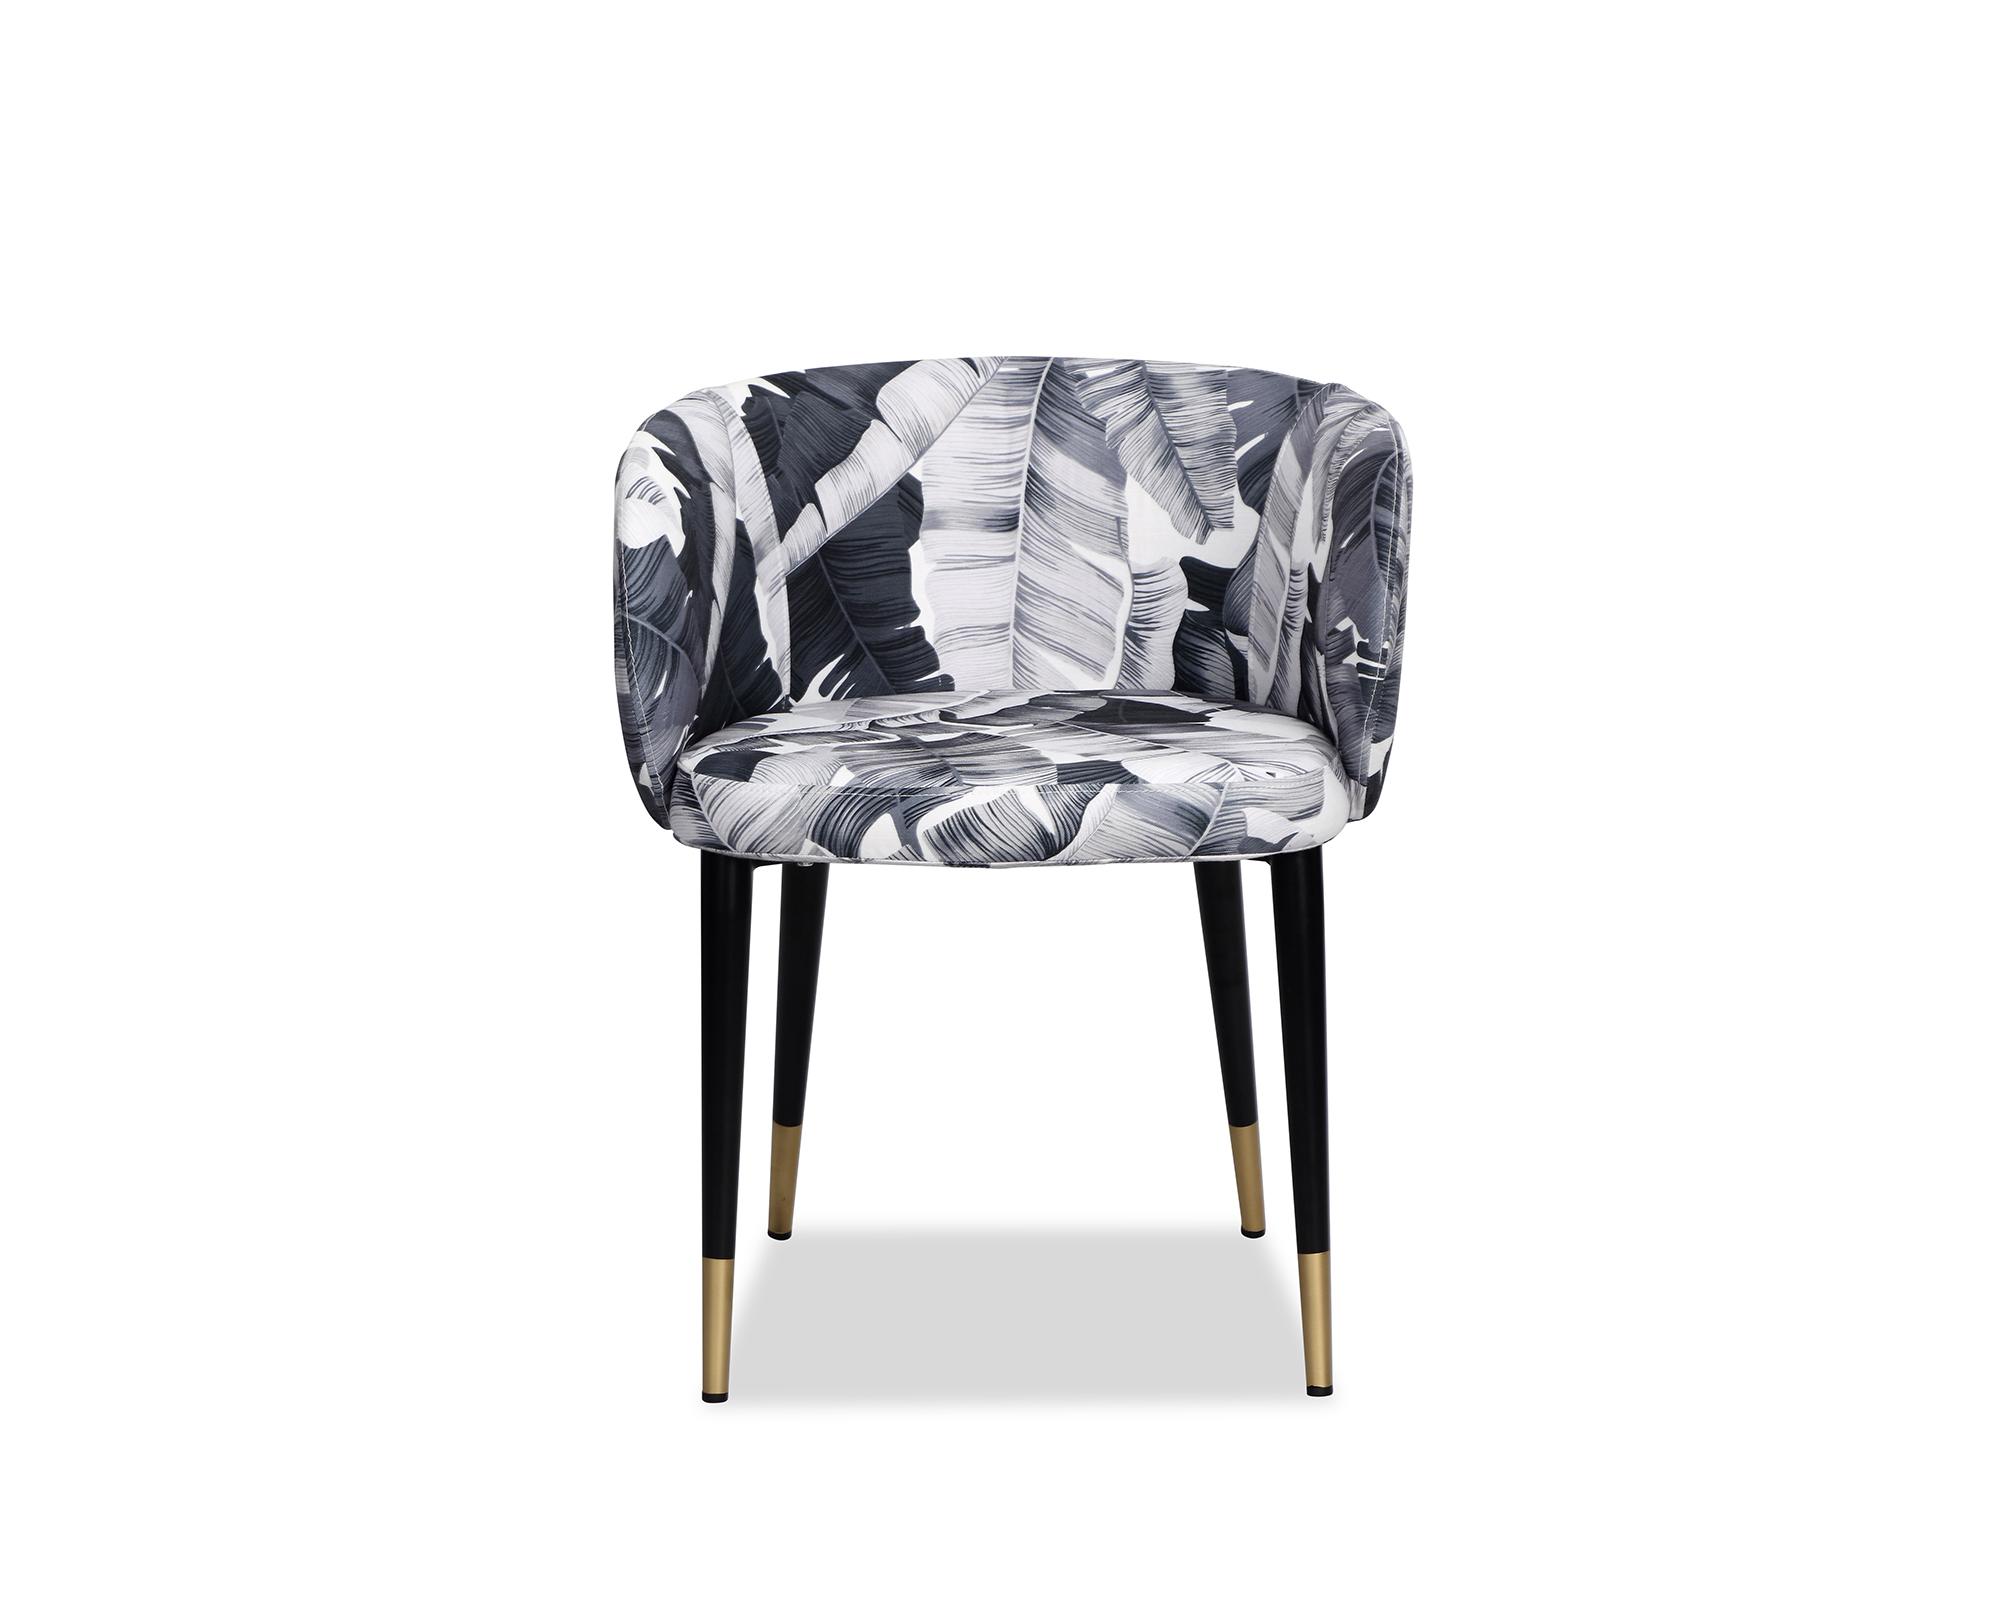 Liang & Eimil GV-DCH-027 Ola Chair (2)